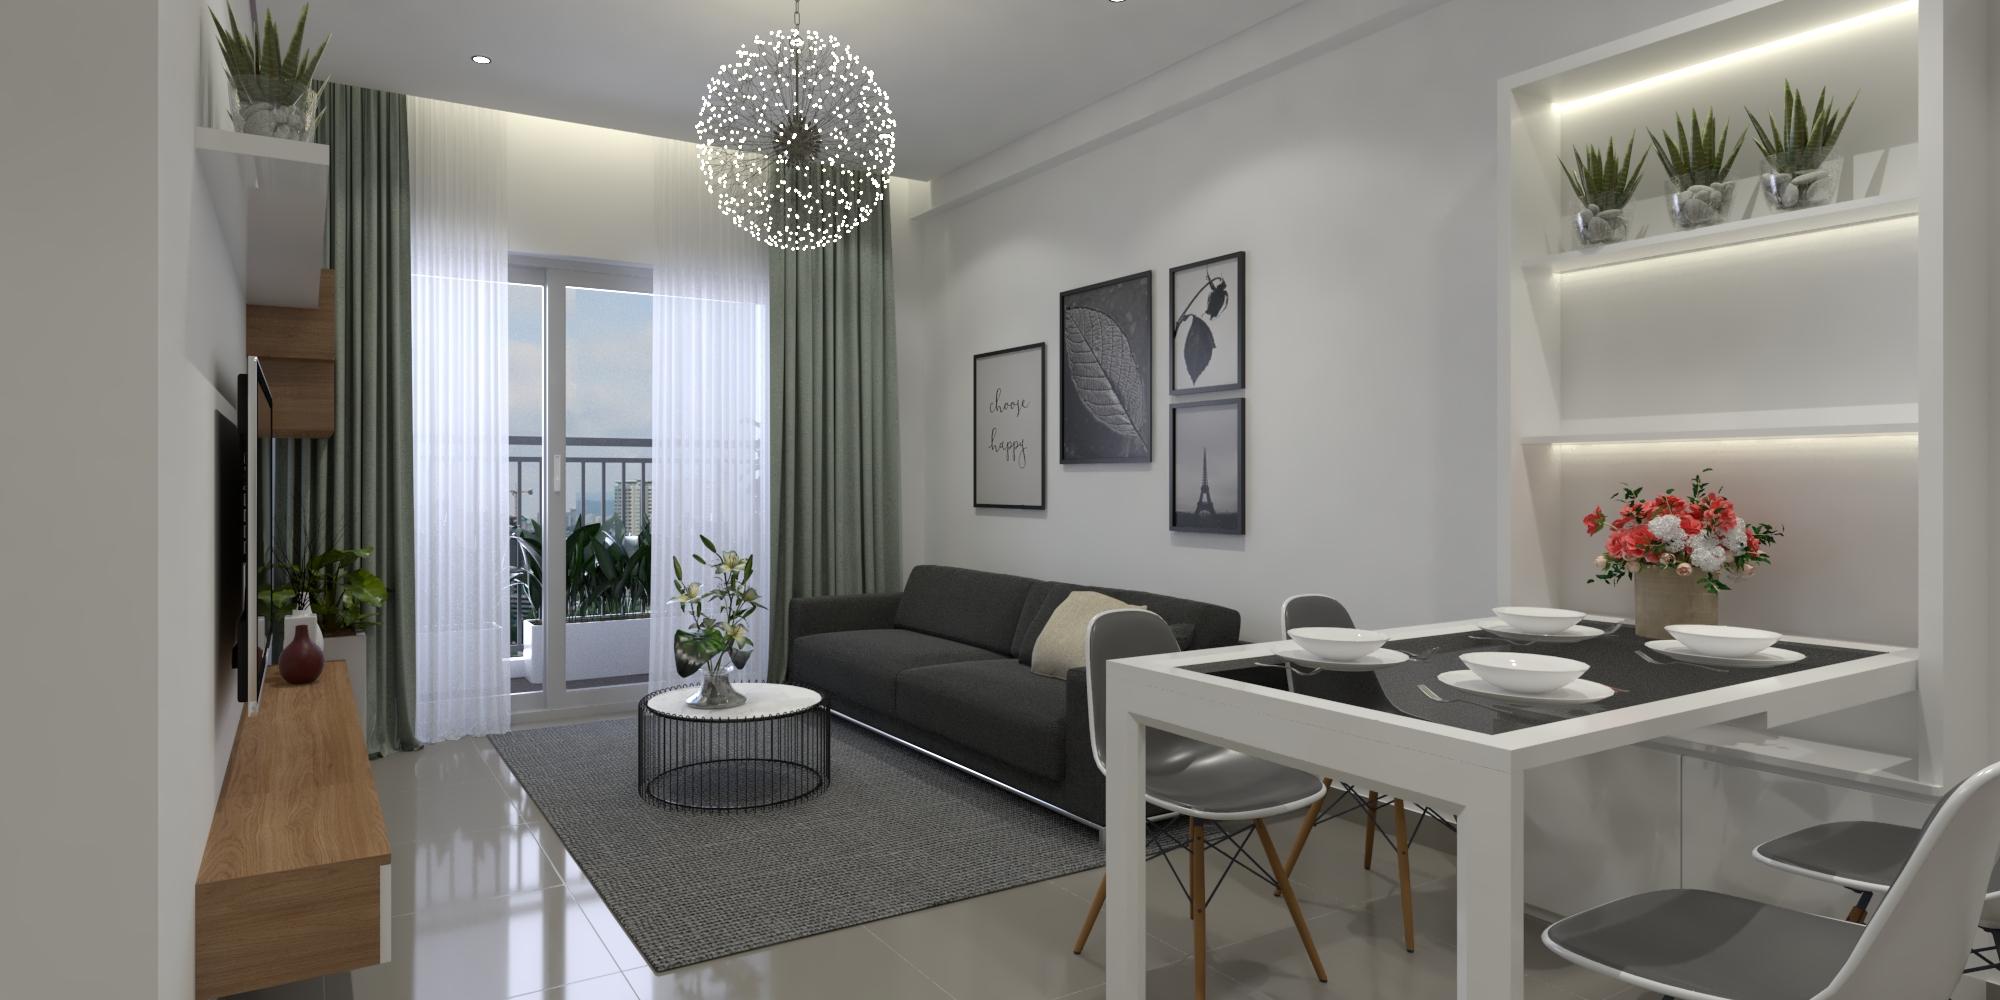 Thiết kế nội thất Chung Cư tại Hồ Chí Minh Căn hộ Sunrisse 1576570107 1